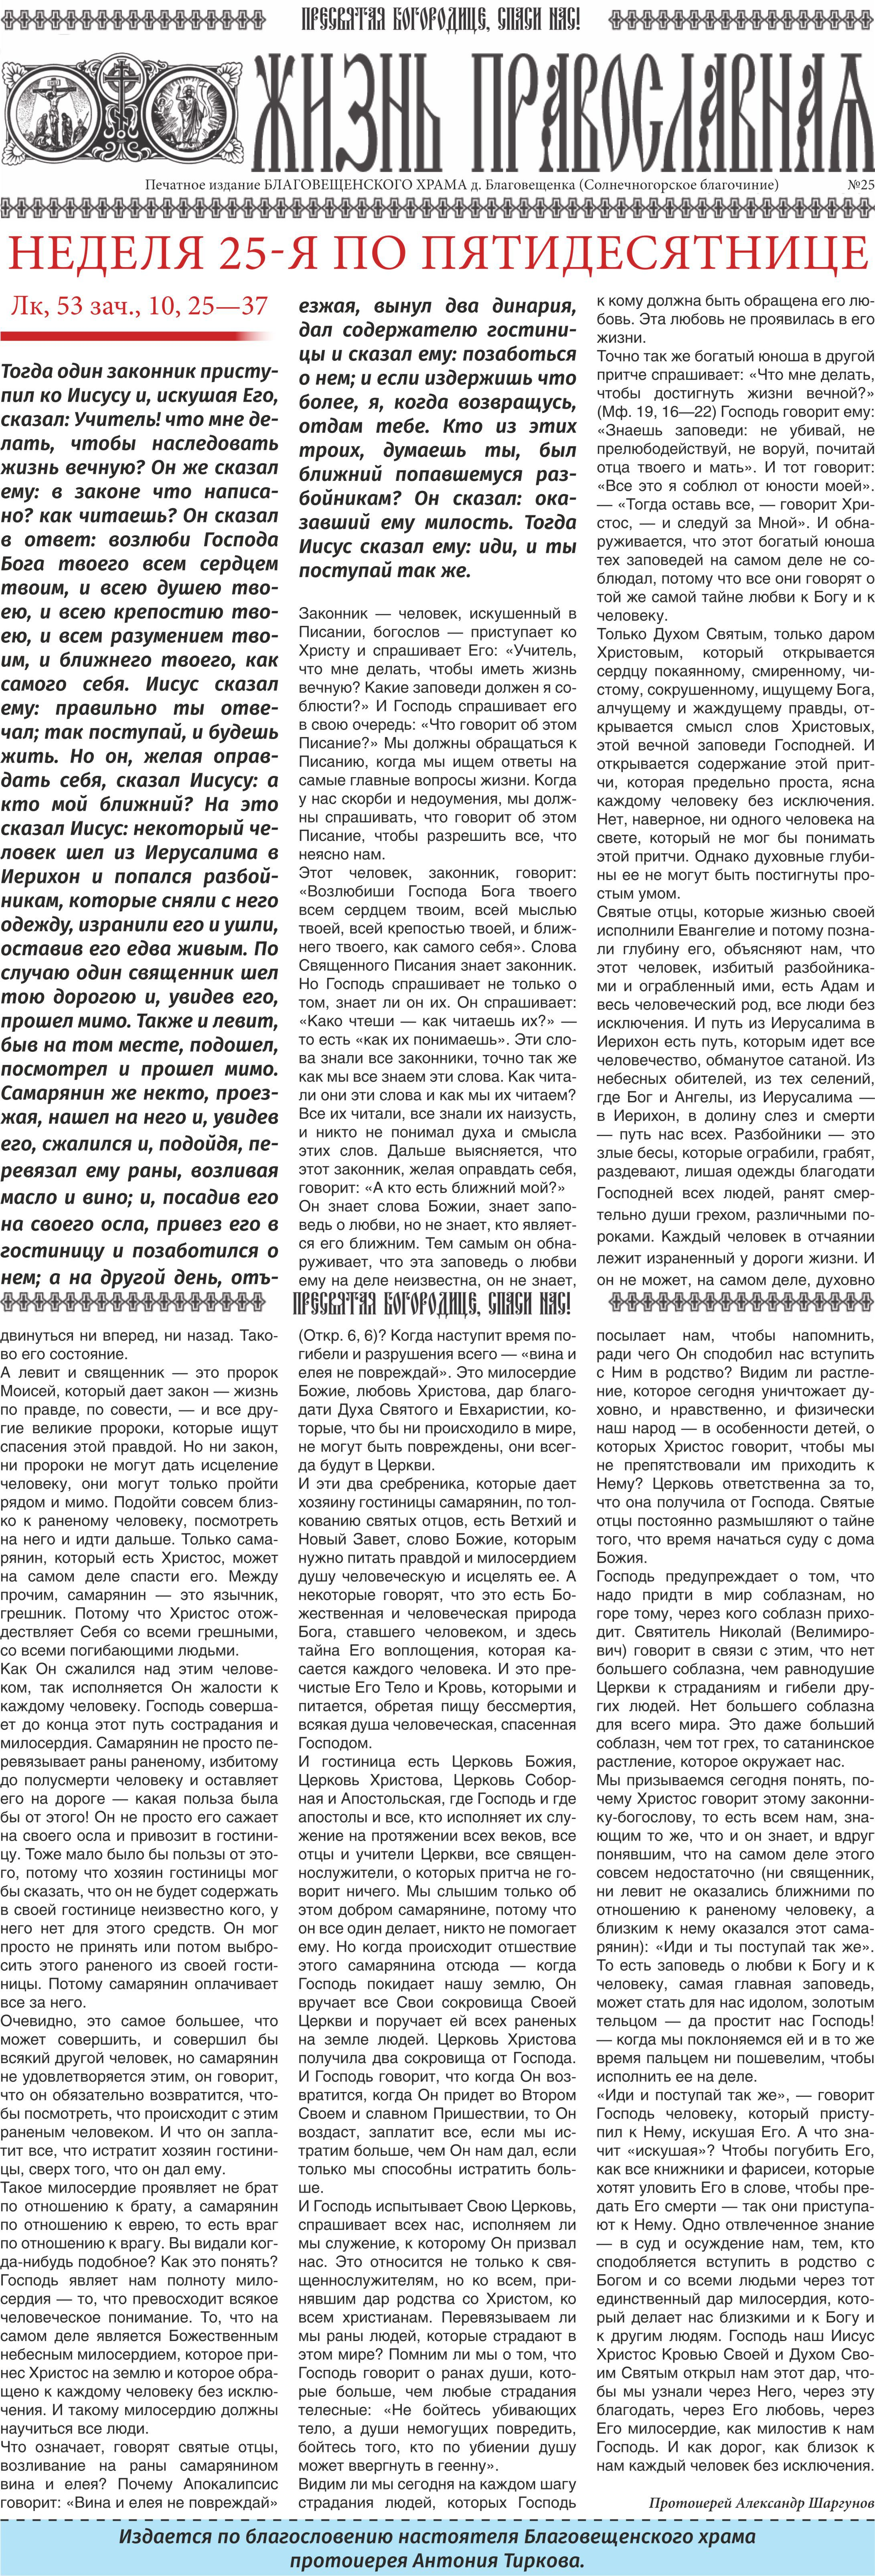 Жизнь православная 2017-25